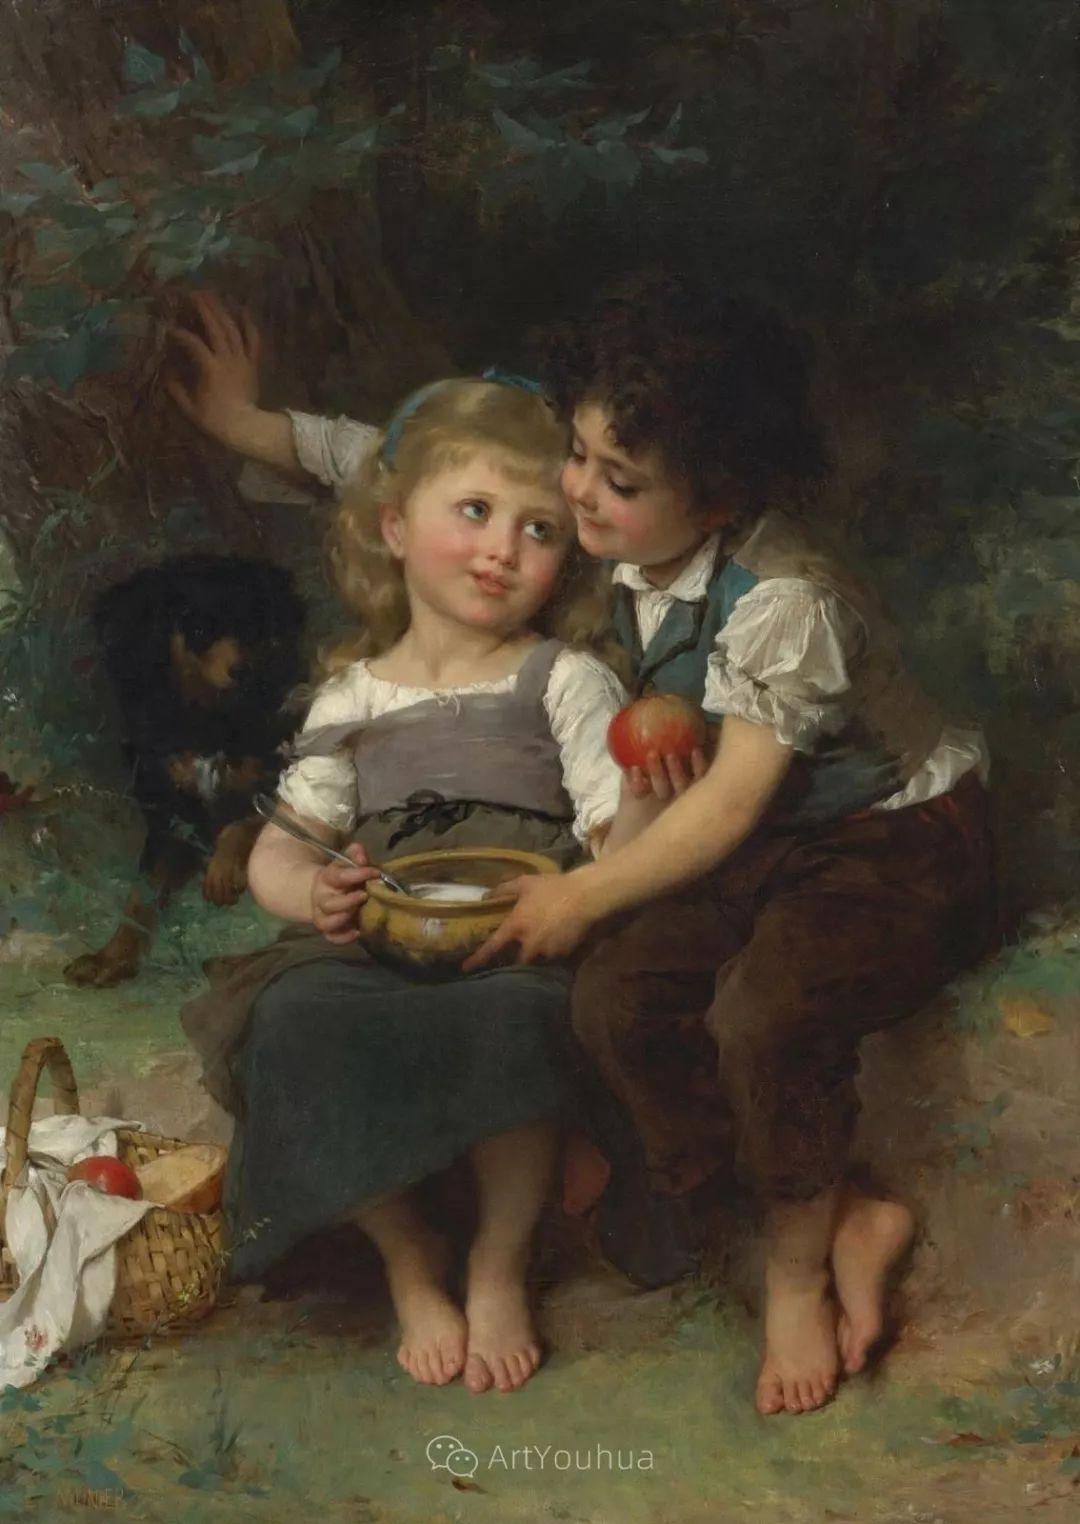 他笔下儿童、母亲形象个个可爱温馨,法国画家Emile Munier插图21